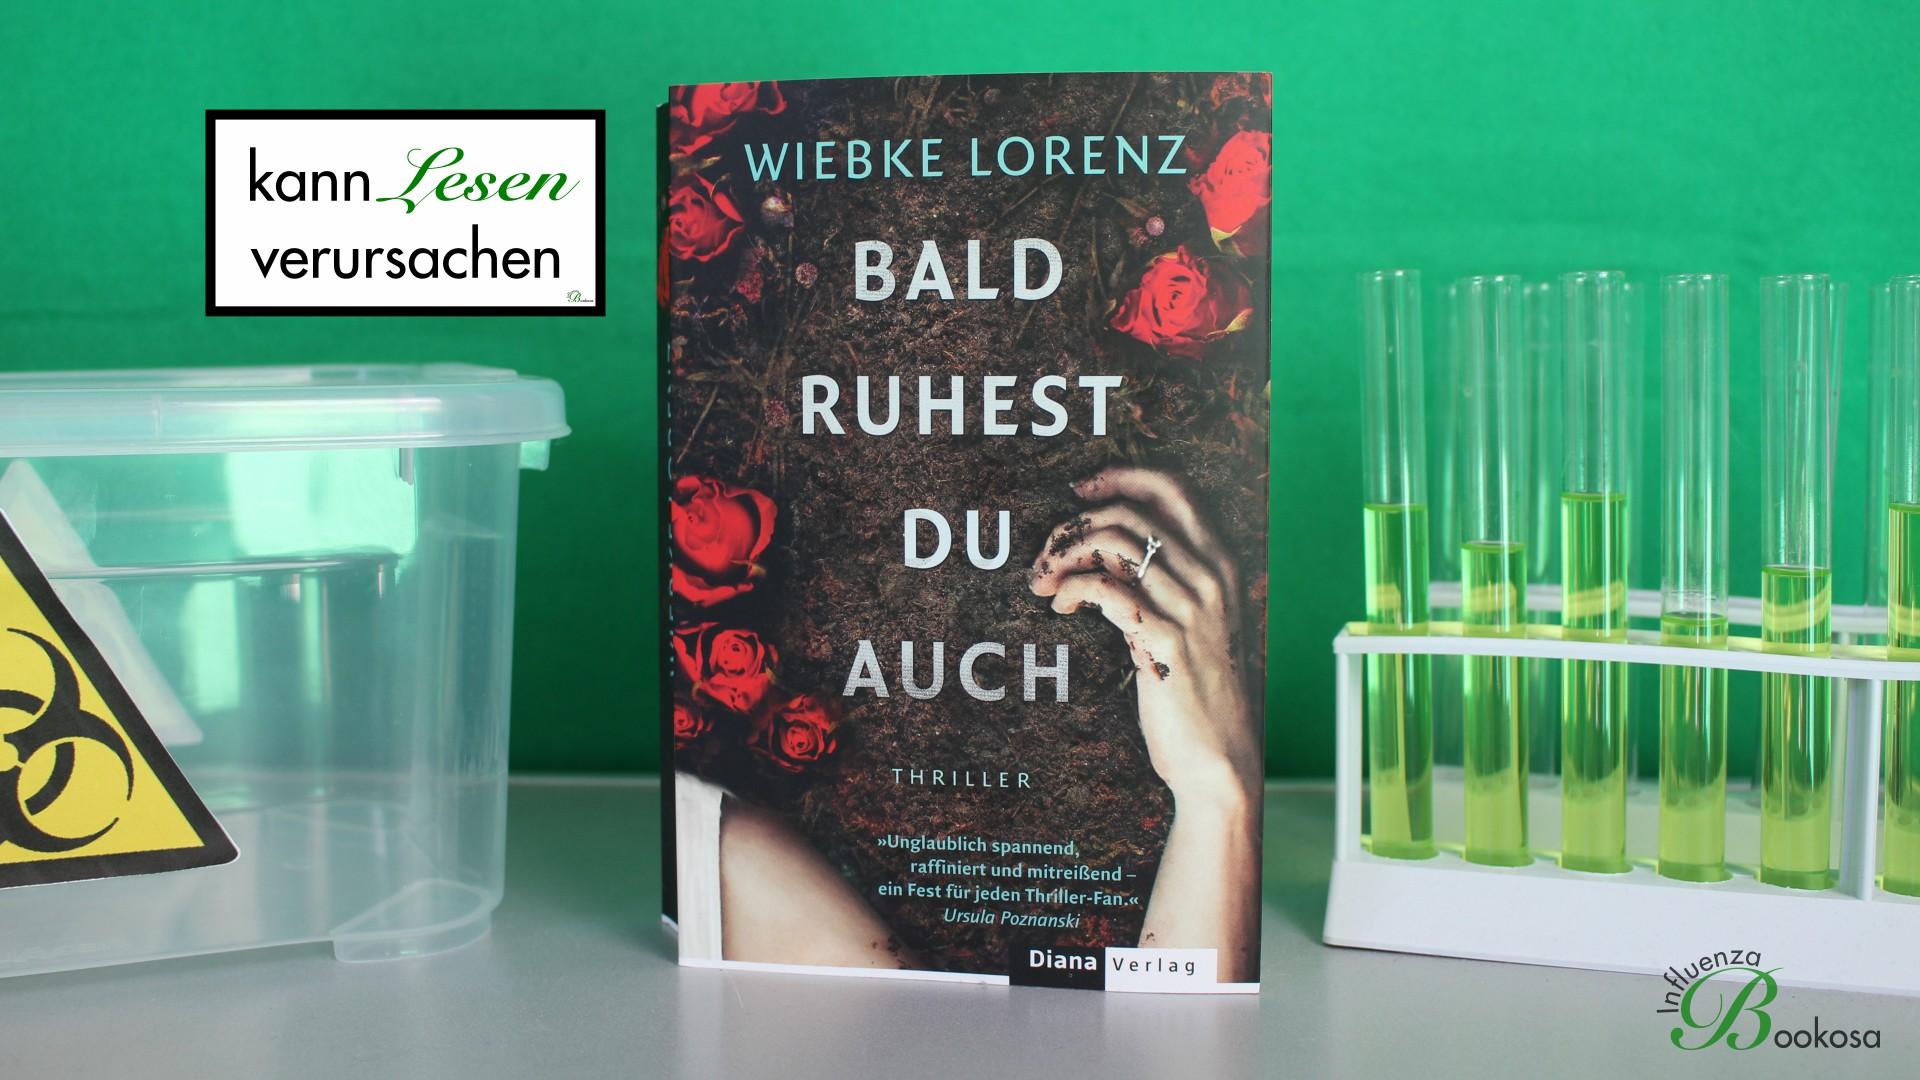 Wiebke Lorenz - Bald ruhest du auch